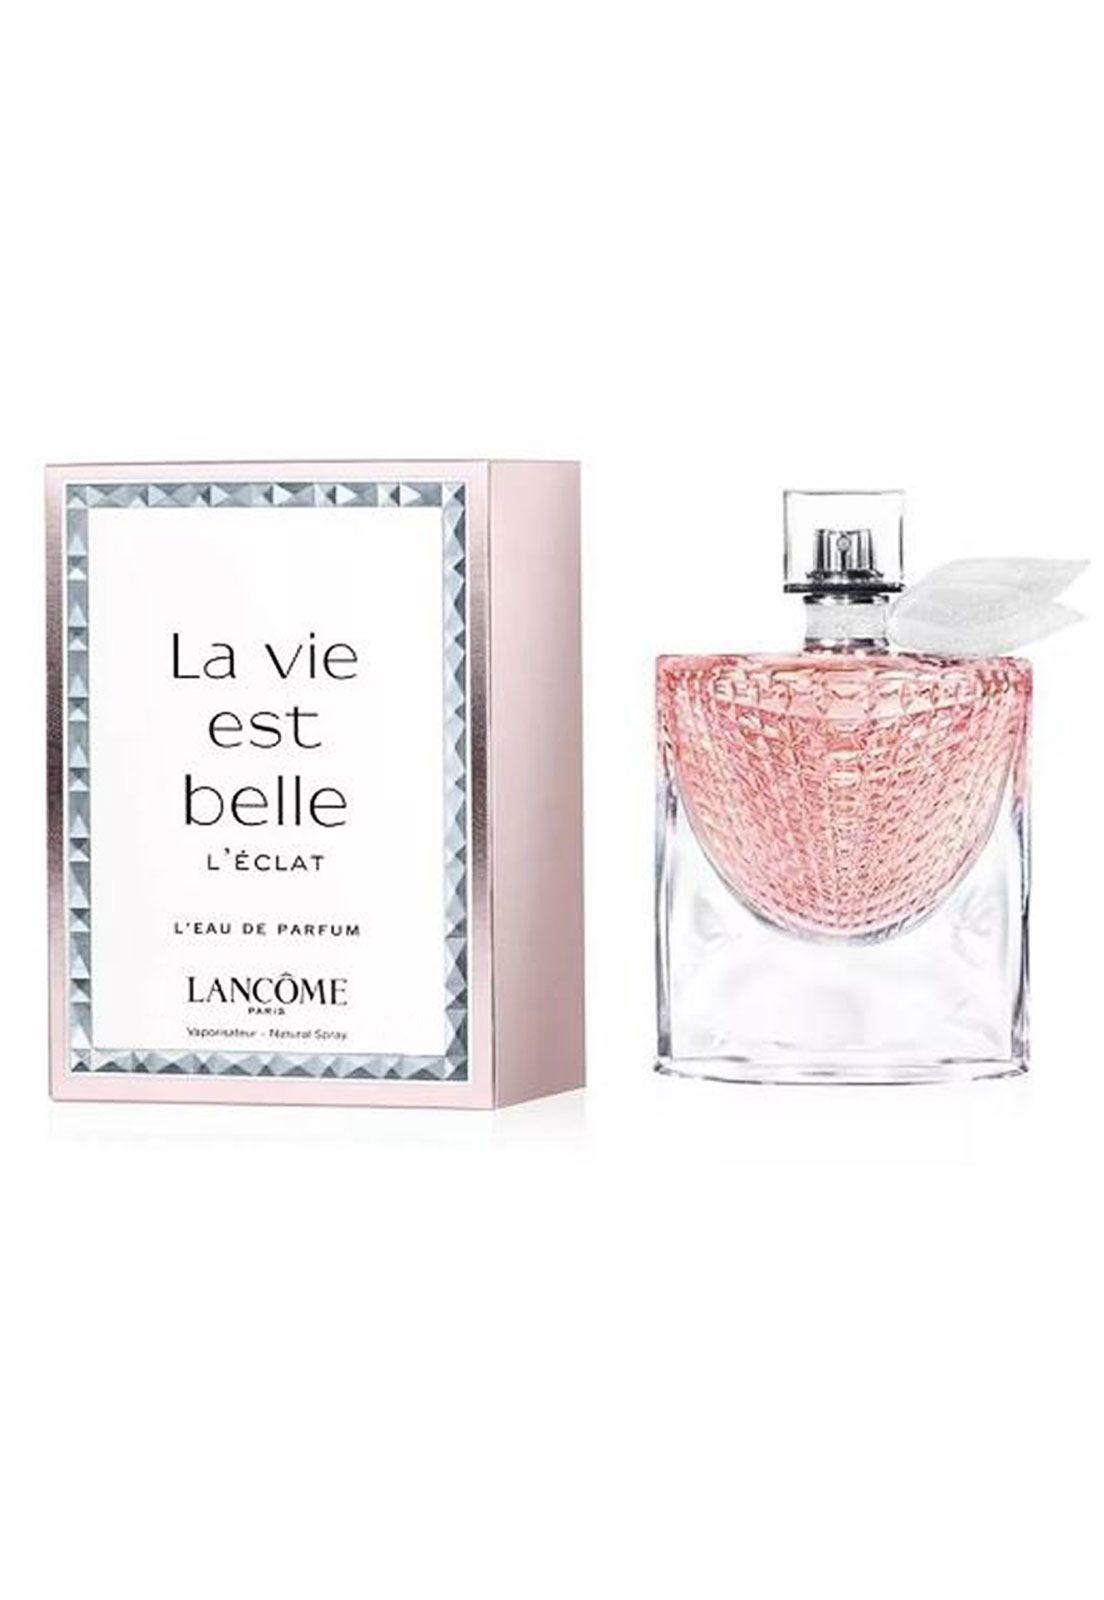 Perfume La Vie Est Belle L Eclat Lancome 30ml Perfume La Vie Est Belle Perfume Perfume Lancome